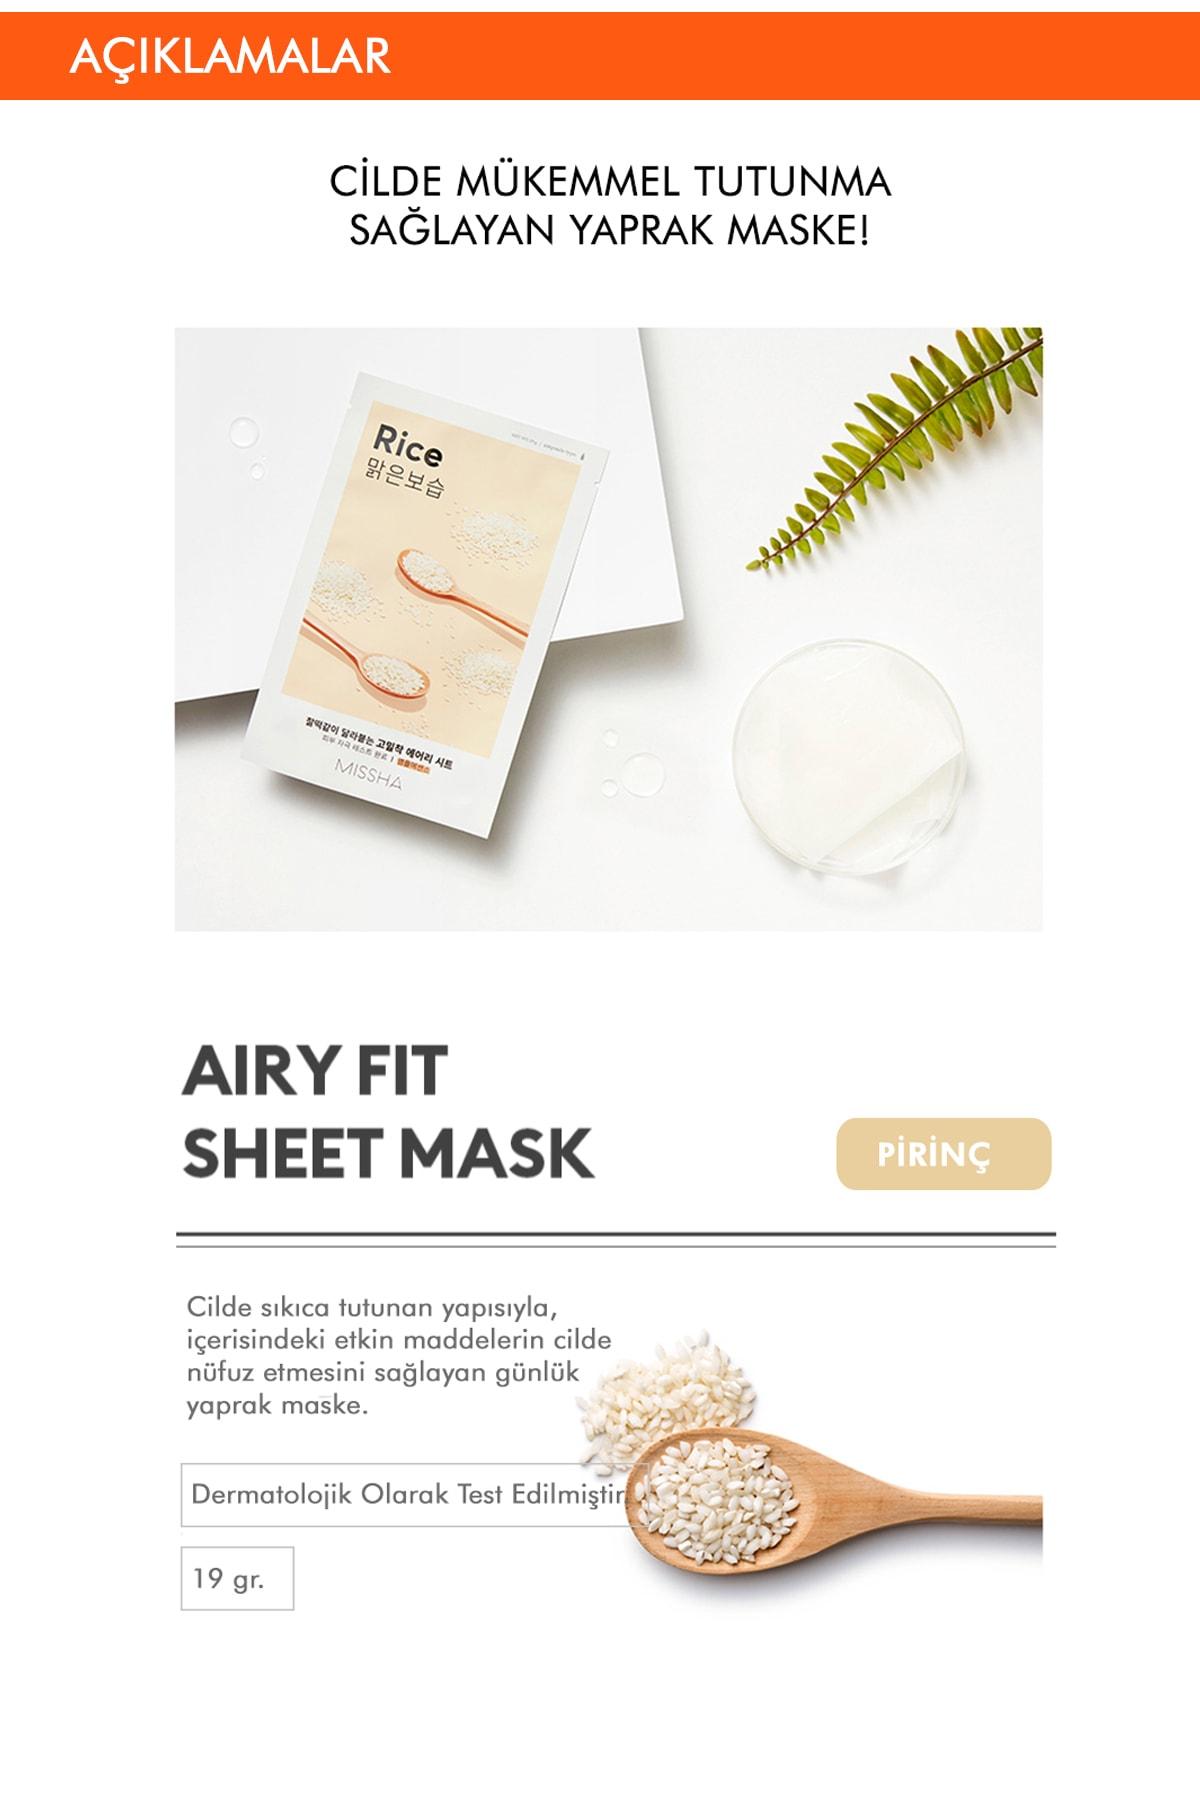 Missha İnci Özlü Aydınlatıcı Yaprak Maske Airy Fit Sheet Mask (Rice) 8809581454804 2